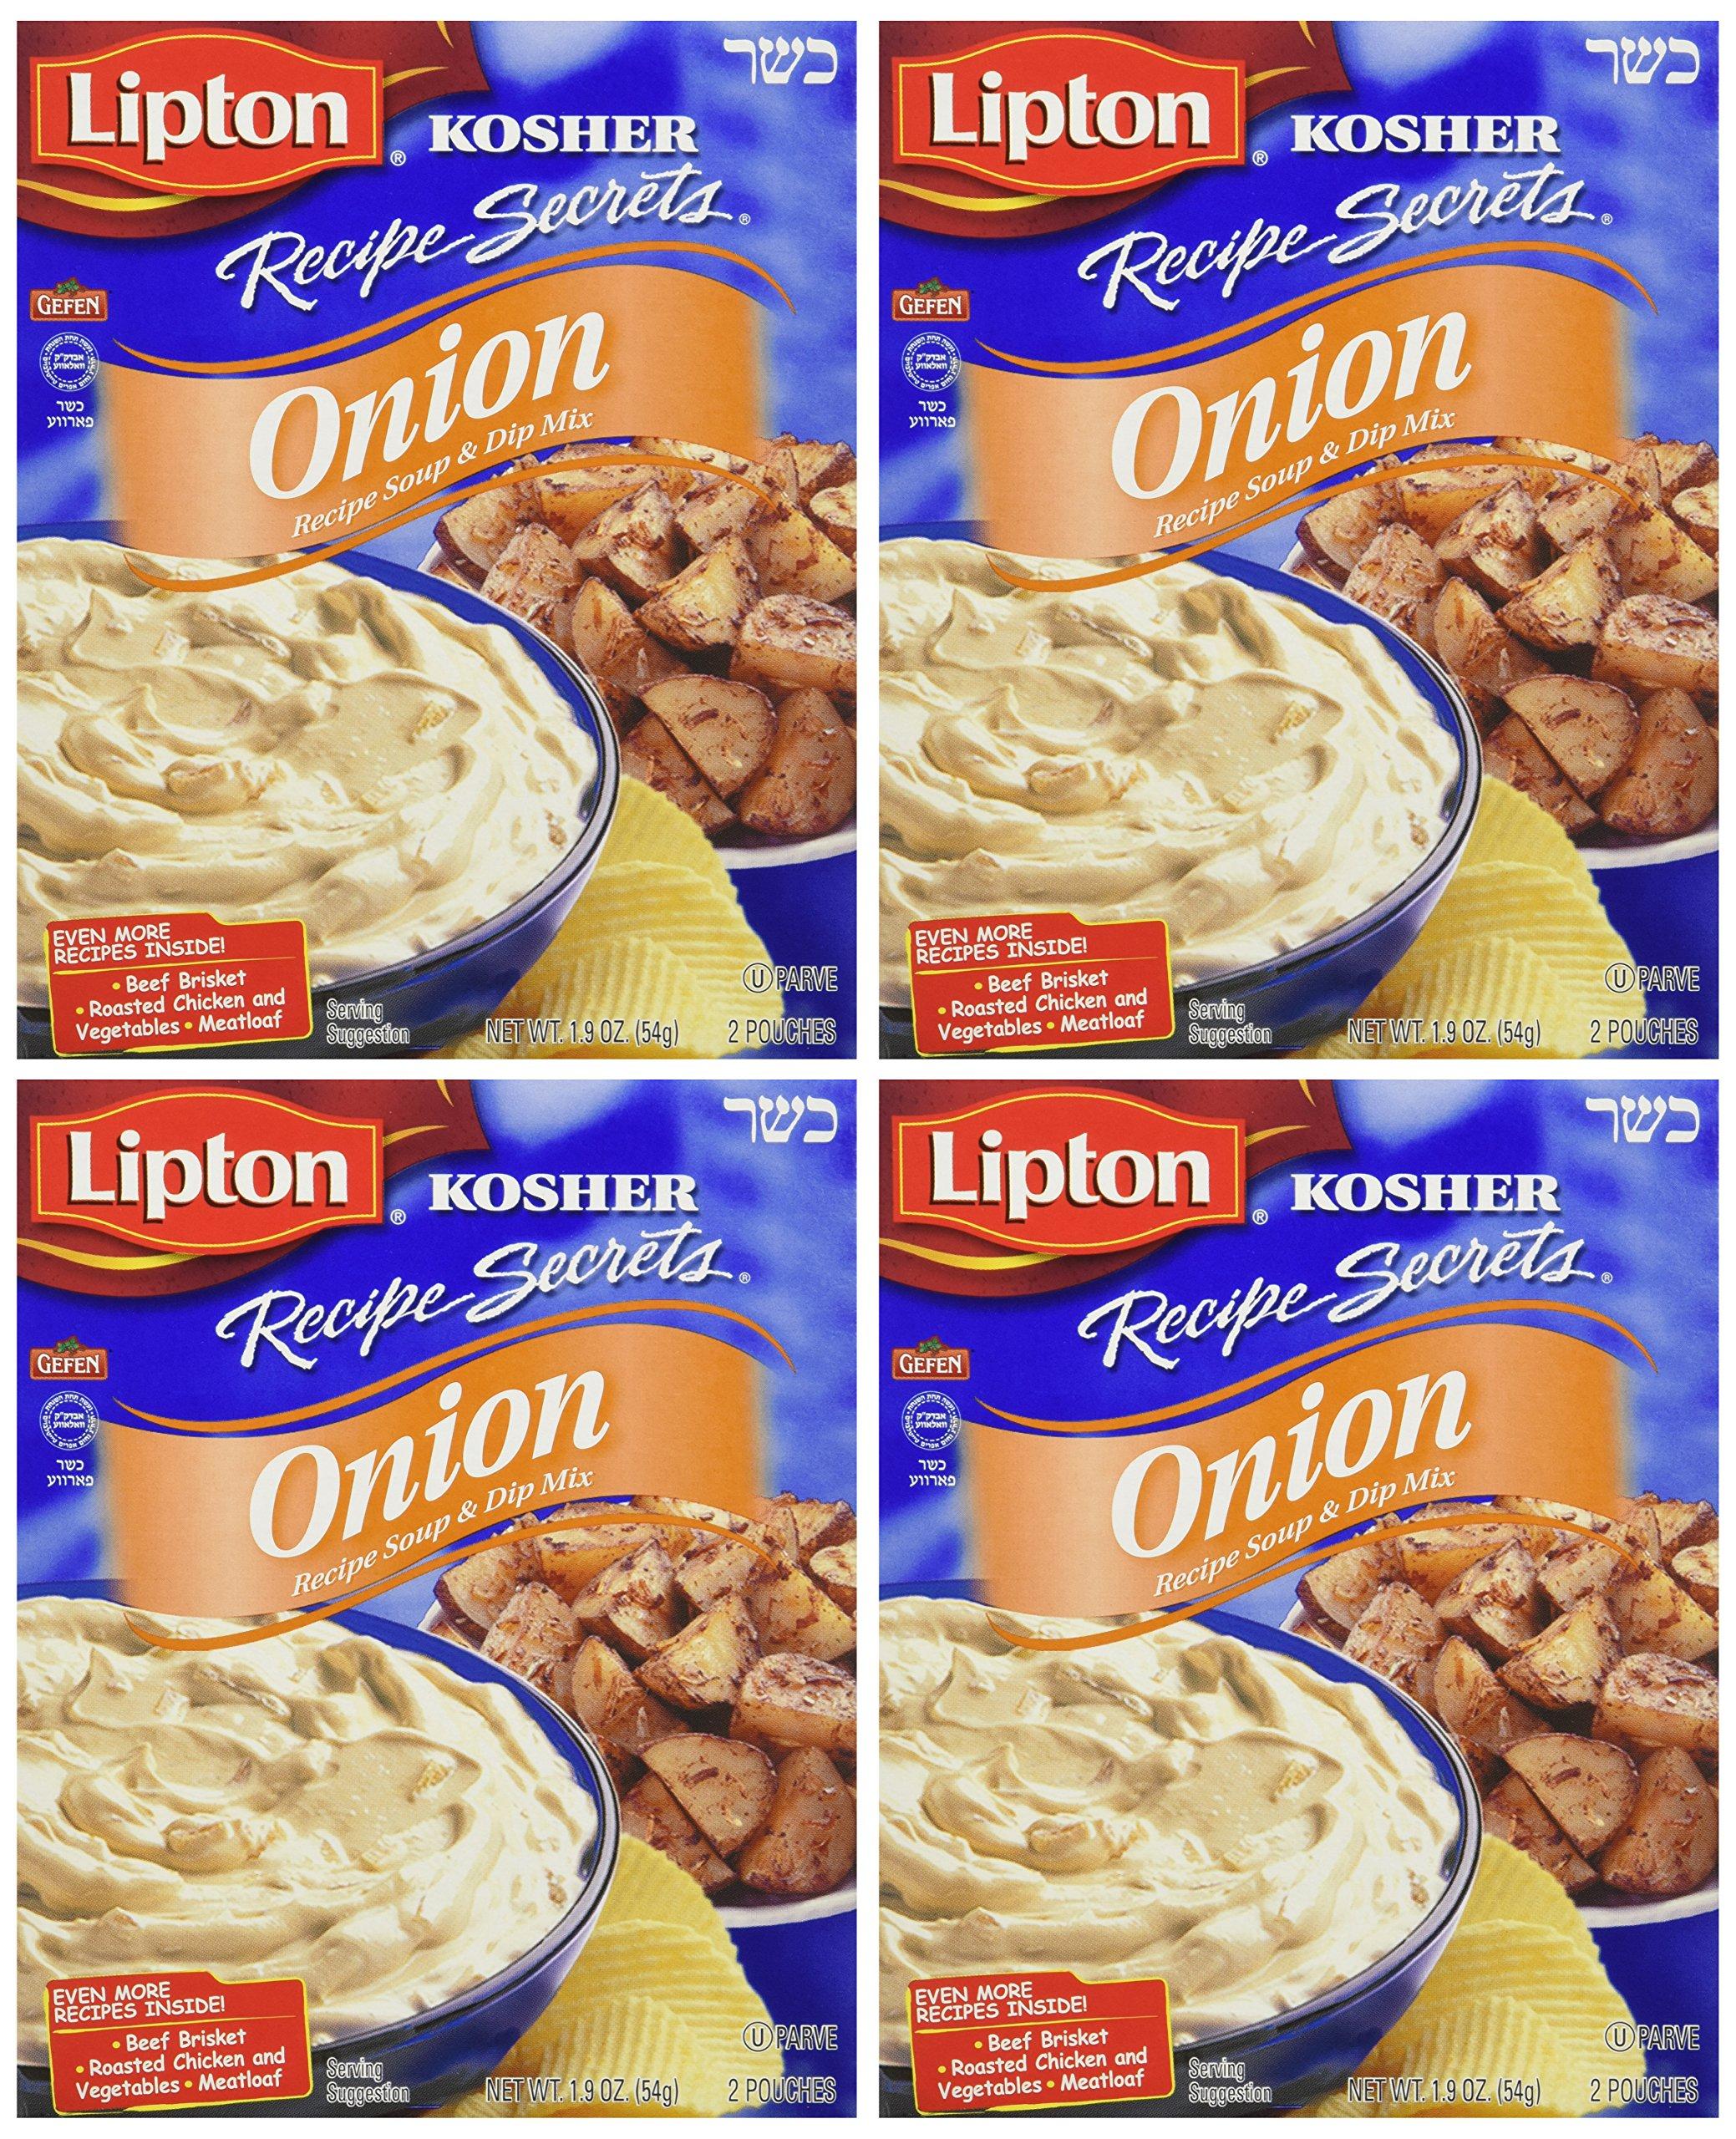 Lipton - Kosher Soup Recipe Secret Onion by Lipton